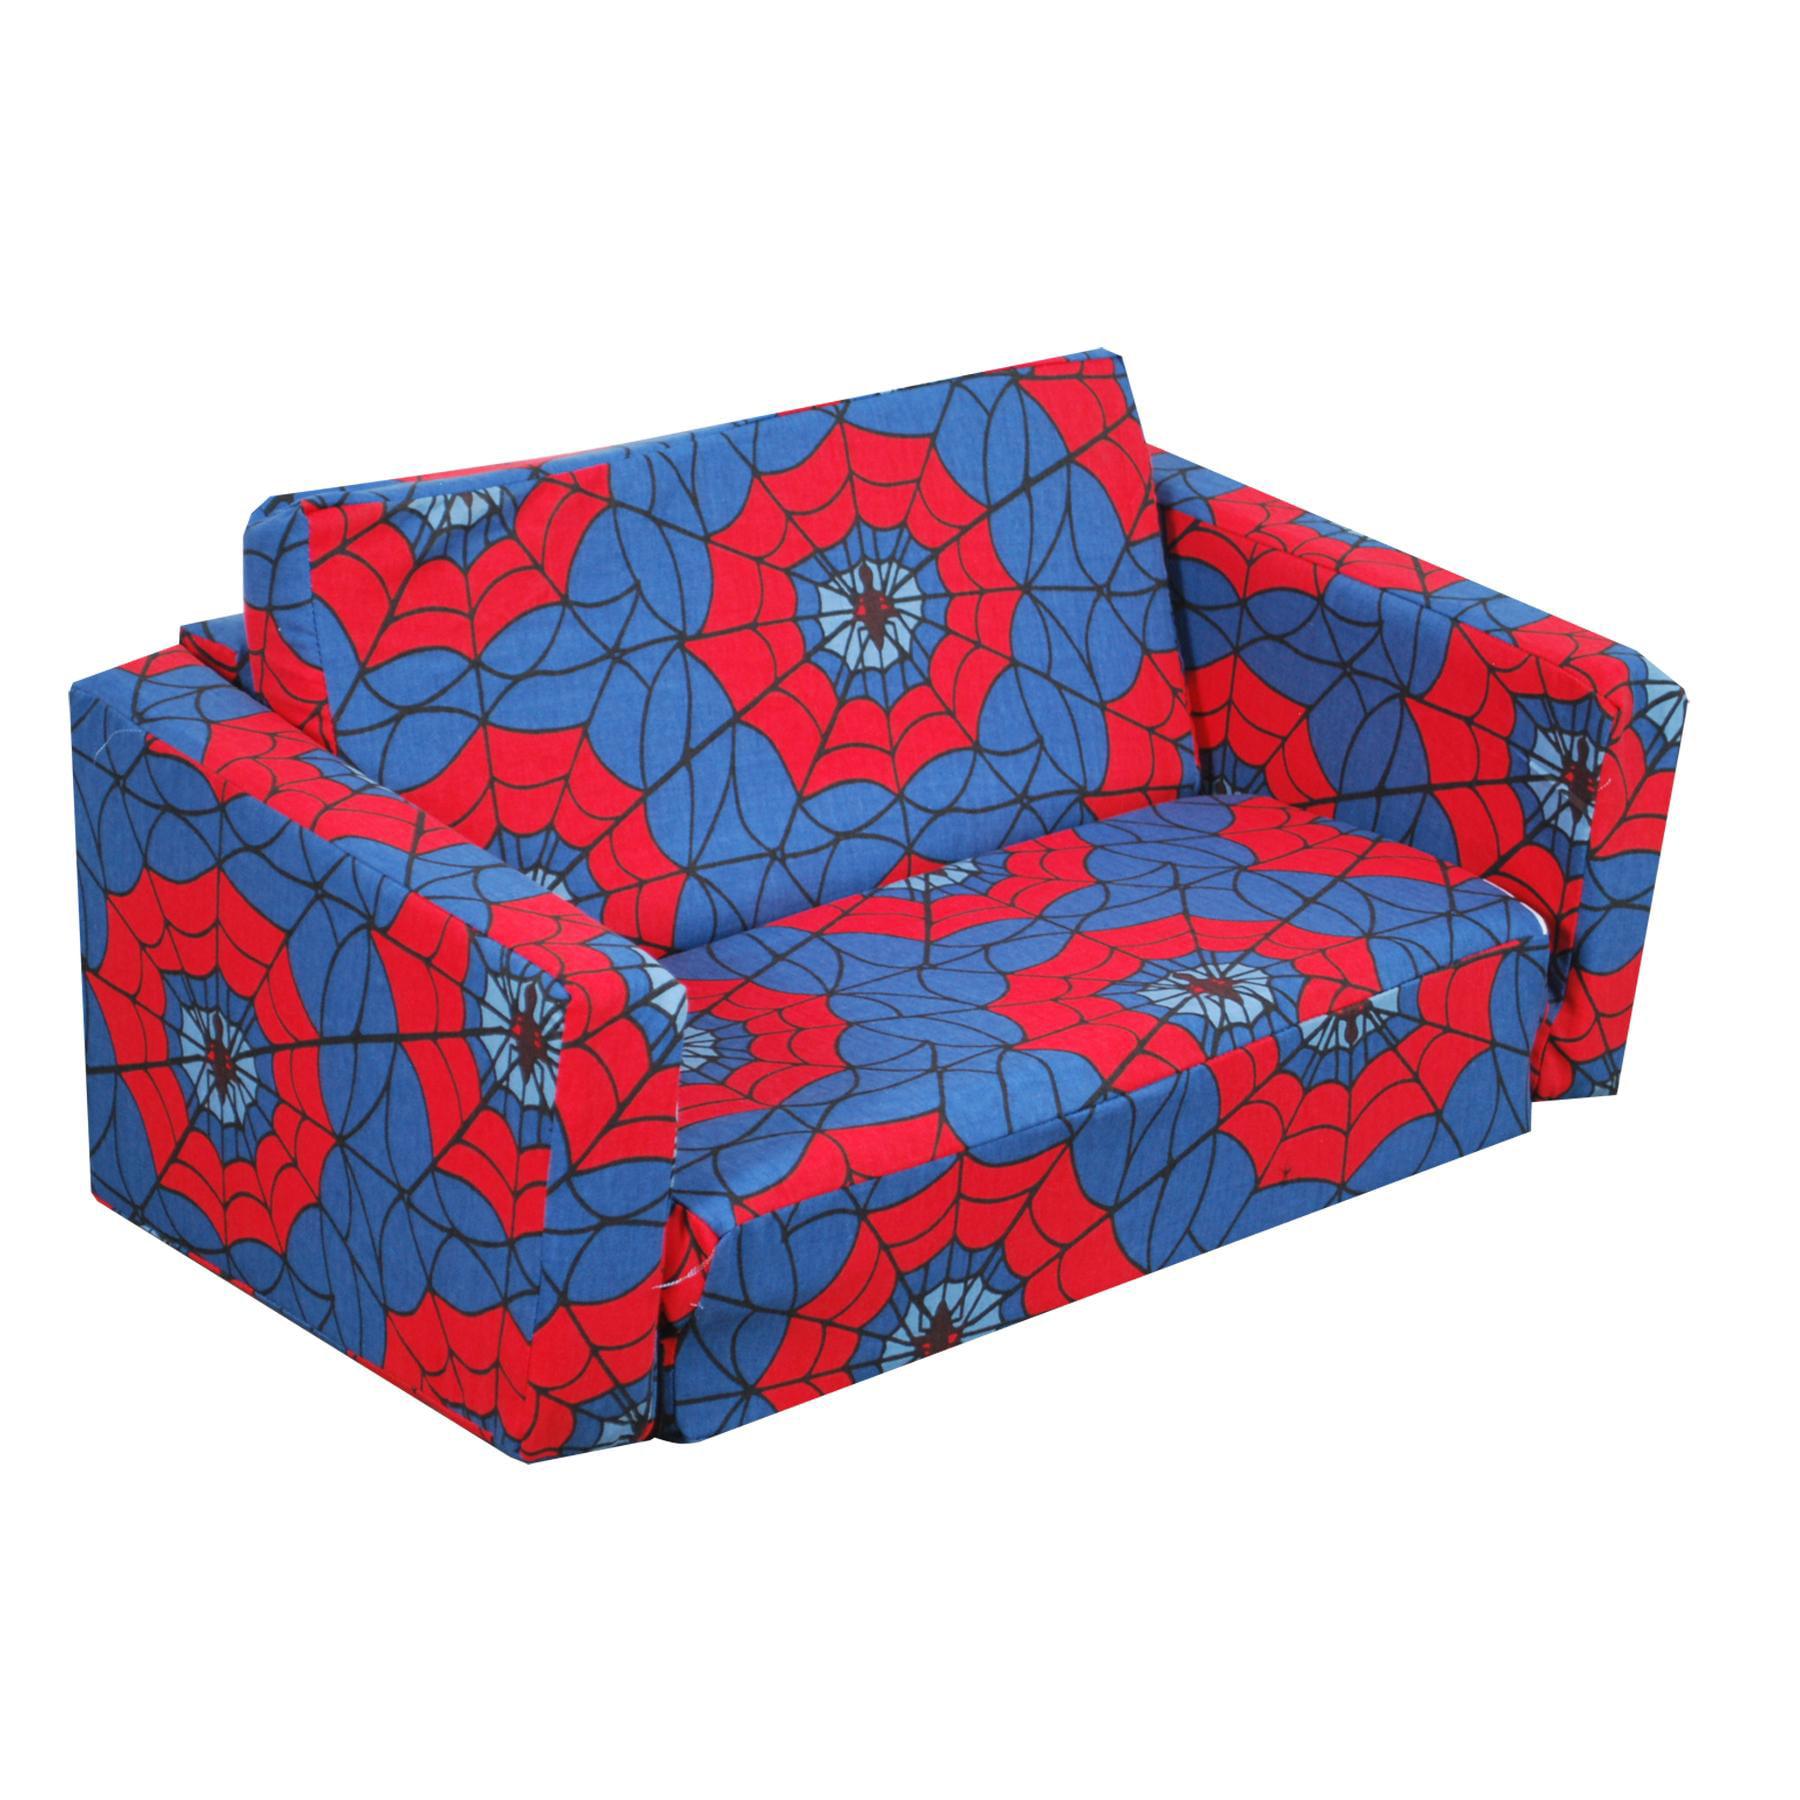 Juvenile Poly Cotton Sofa Sleeper-Color:Spider Web